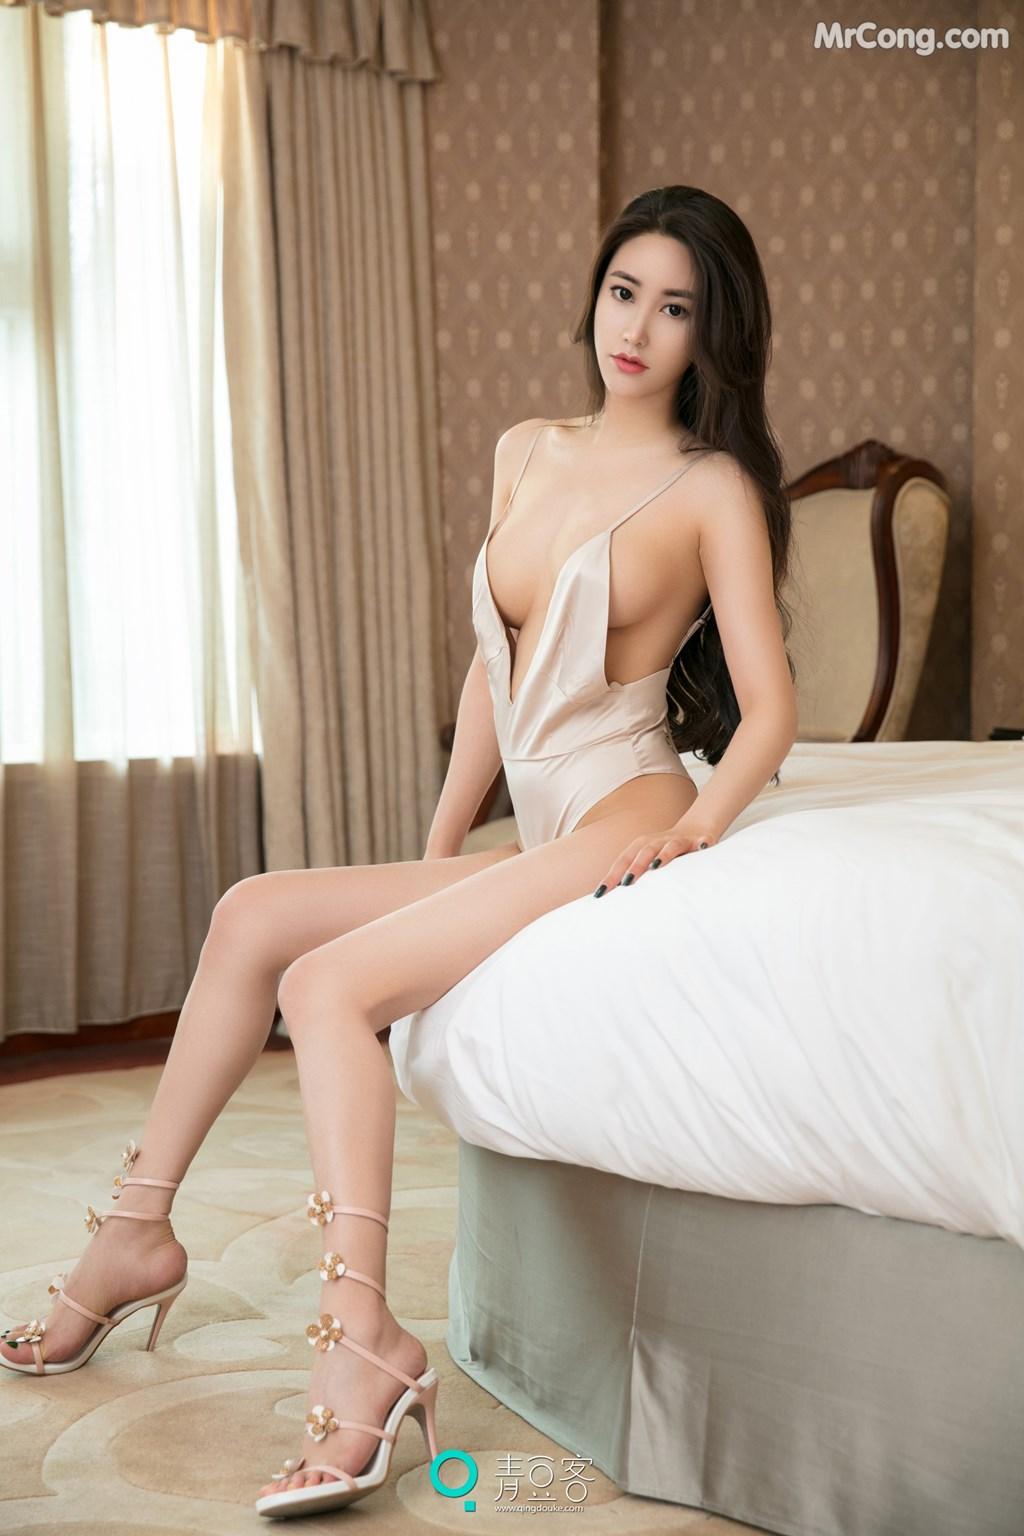 Image QingDouKe-2017-08-03-Mu-Fei-Fei-MrCong.com-025 in post QingDouKe 2017-08-03: Người mẫu Mu Fei Fei (穆菲菲) (53 ảnh)